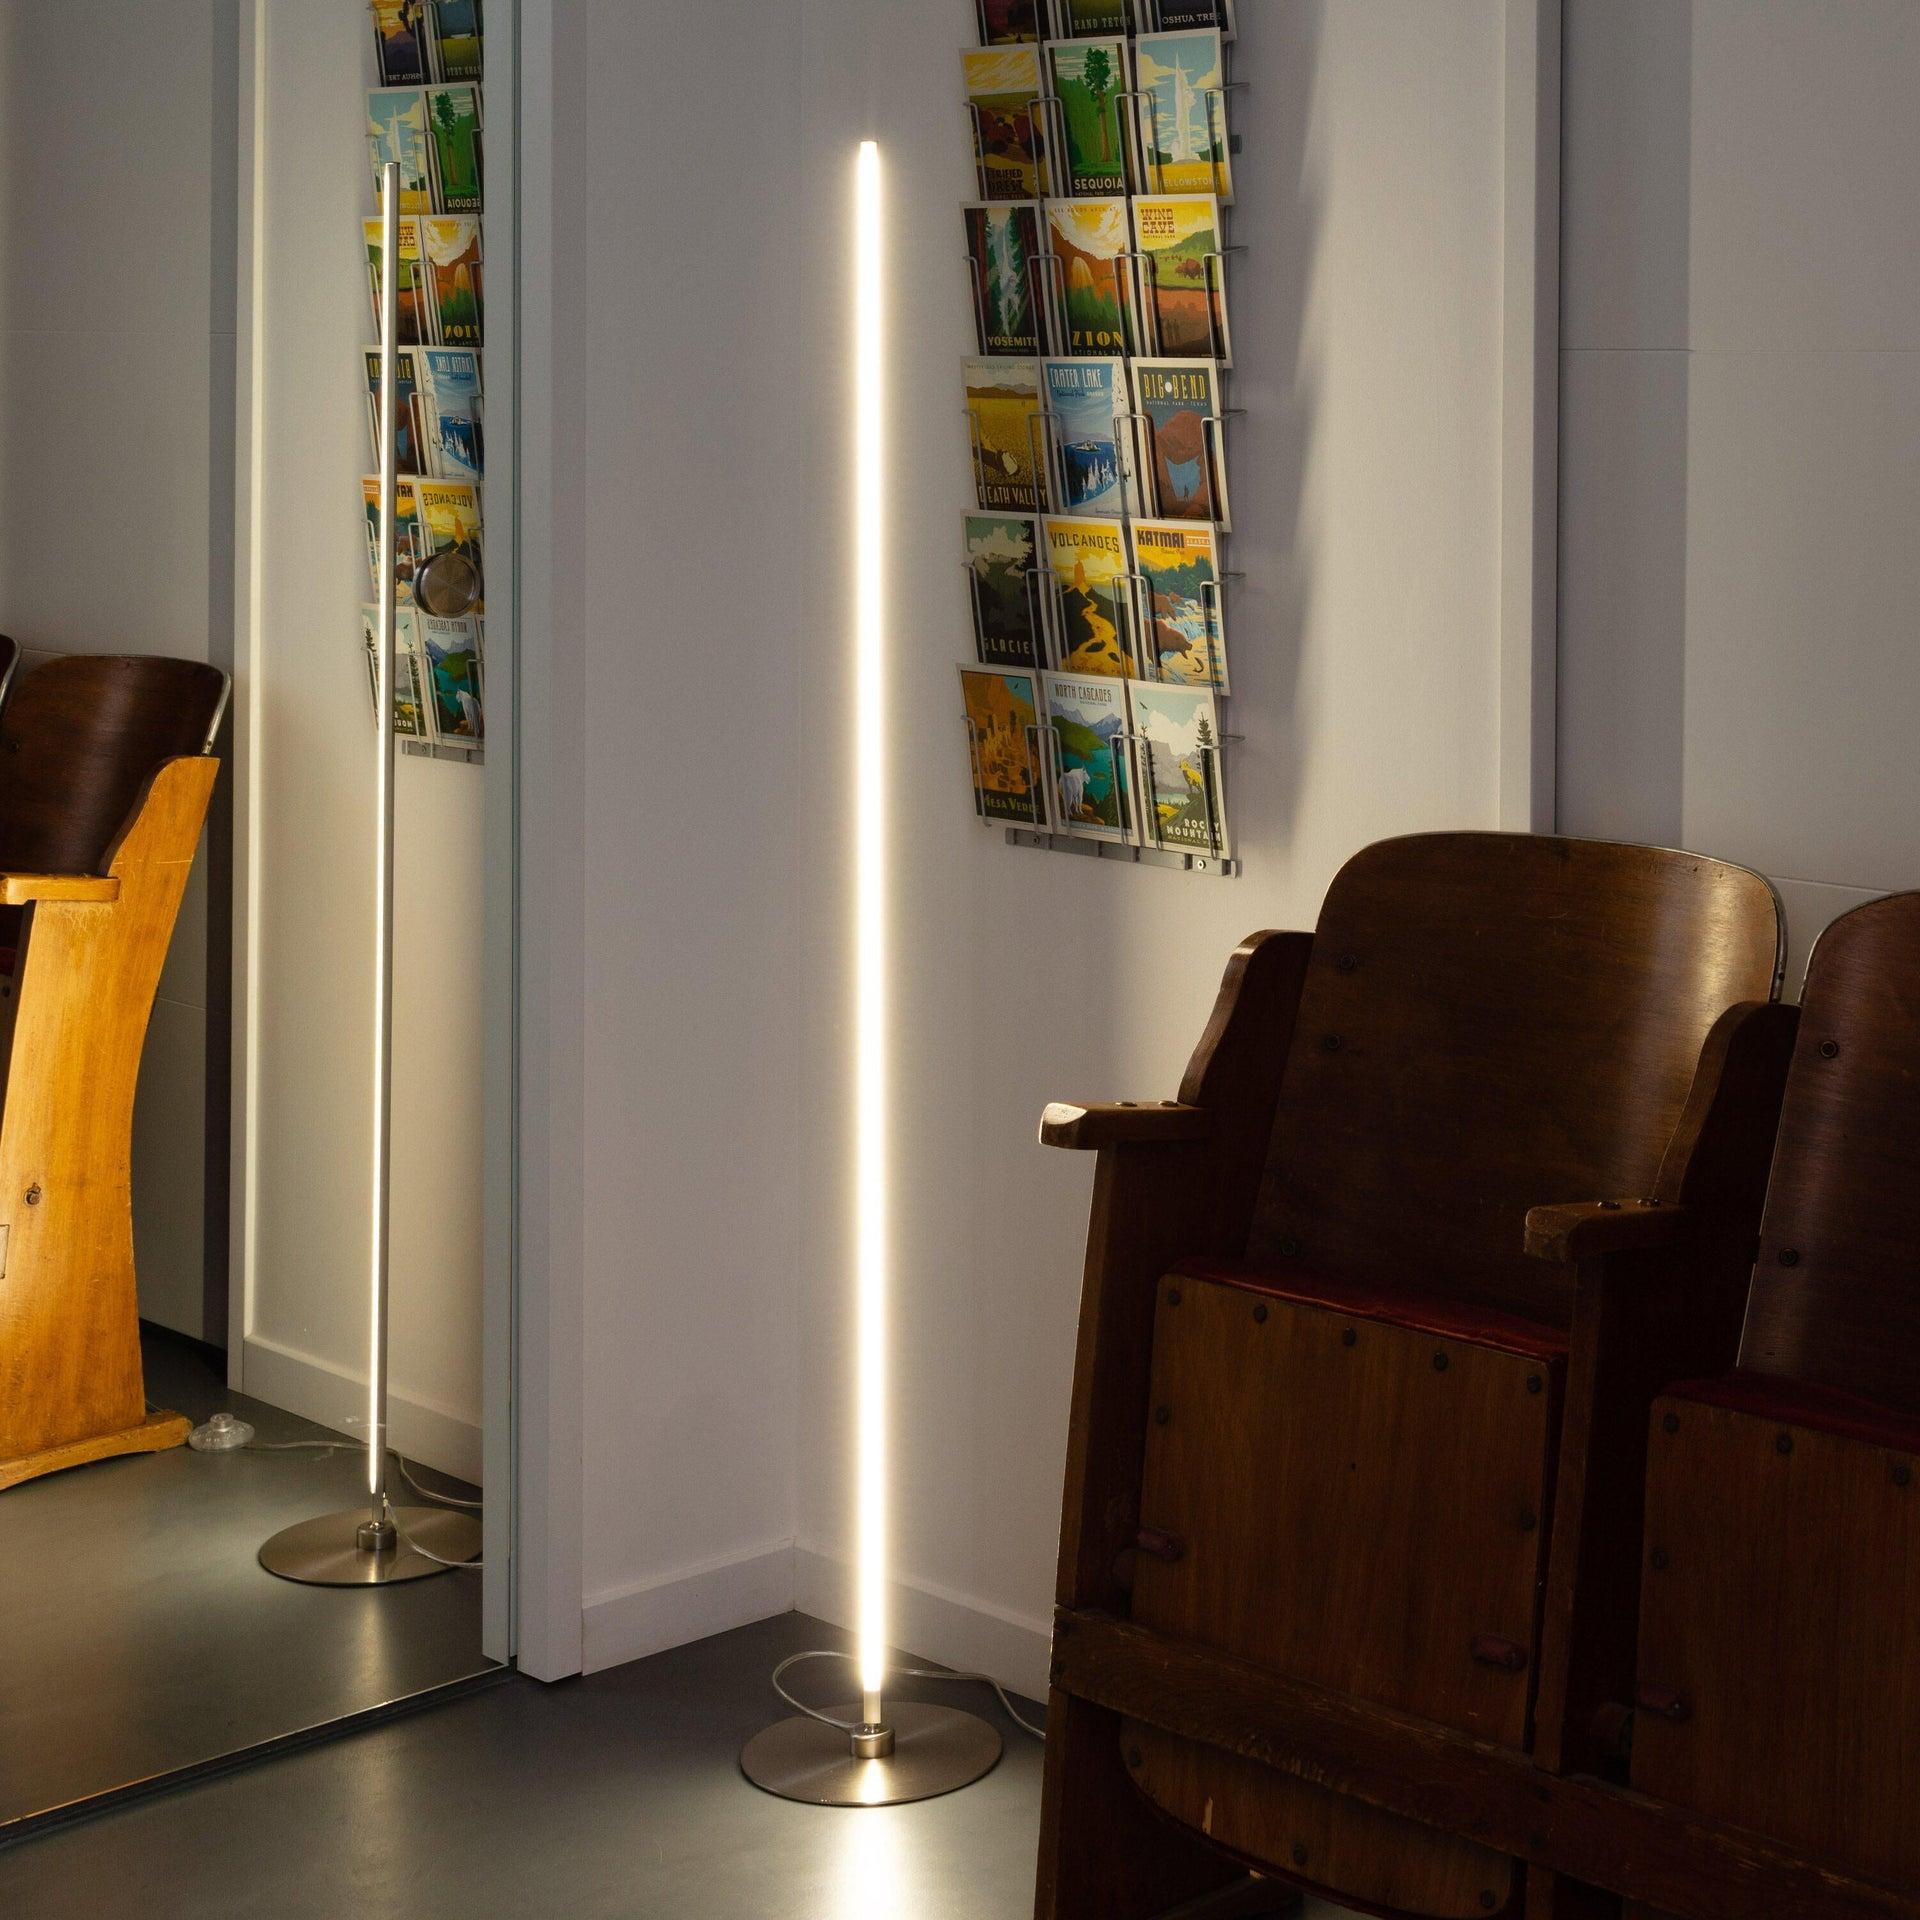 Lampada da terra Truxton cromato, in metallo, H146cm LED integrato INSPIRE - 1